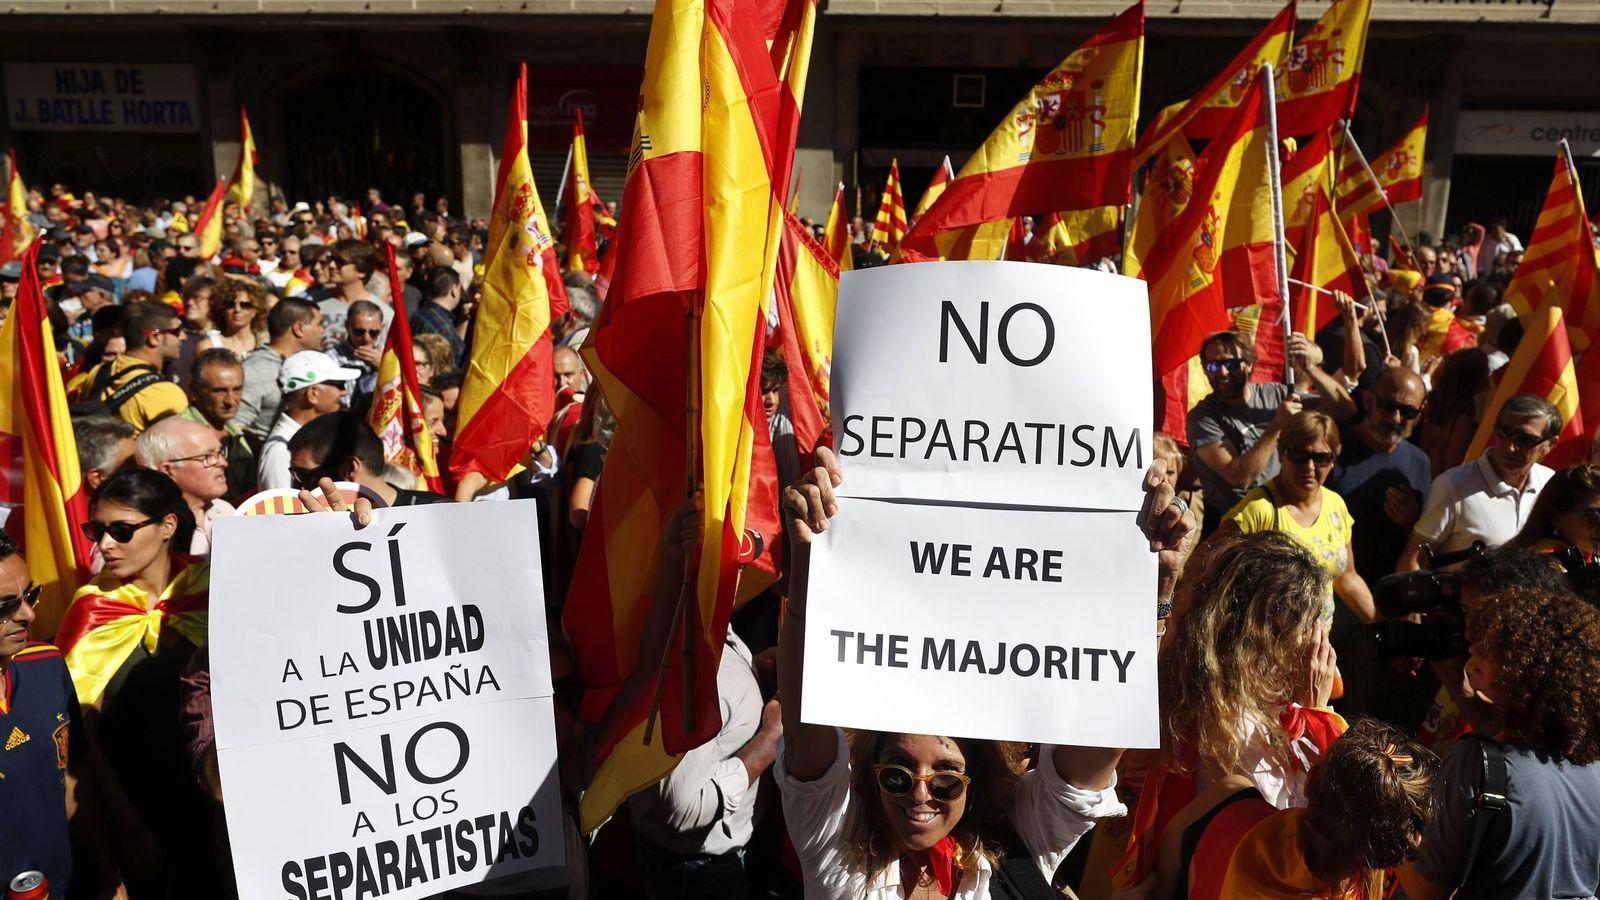 Foto: Fotografía de archivo de una manifestación en favor de la unidad de España en Barcelona. (EFE)